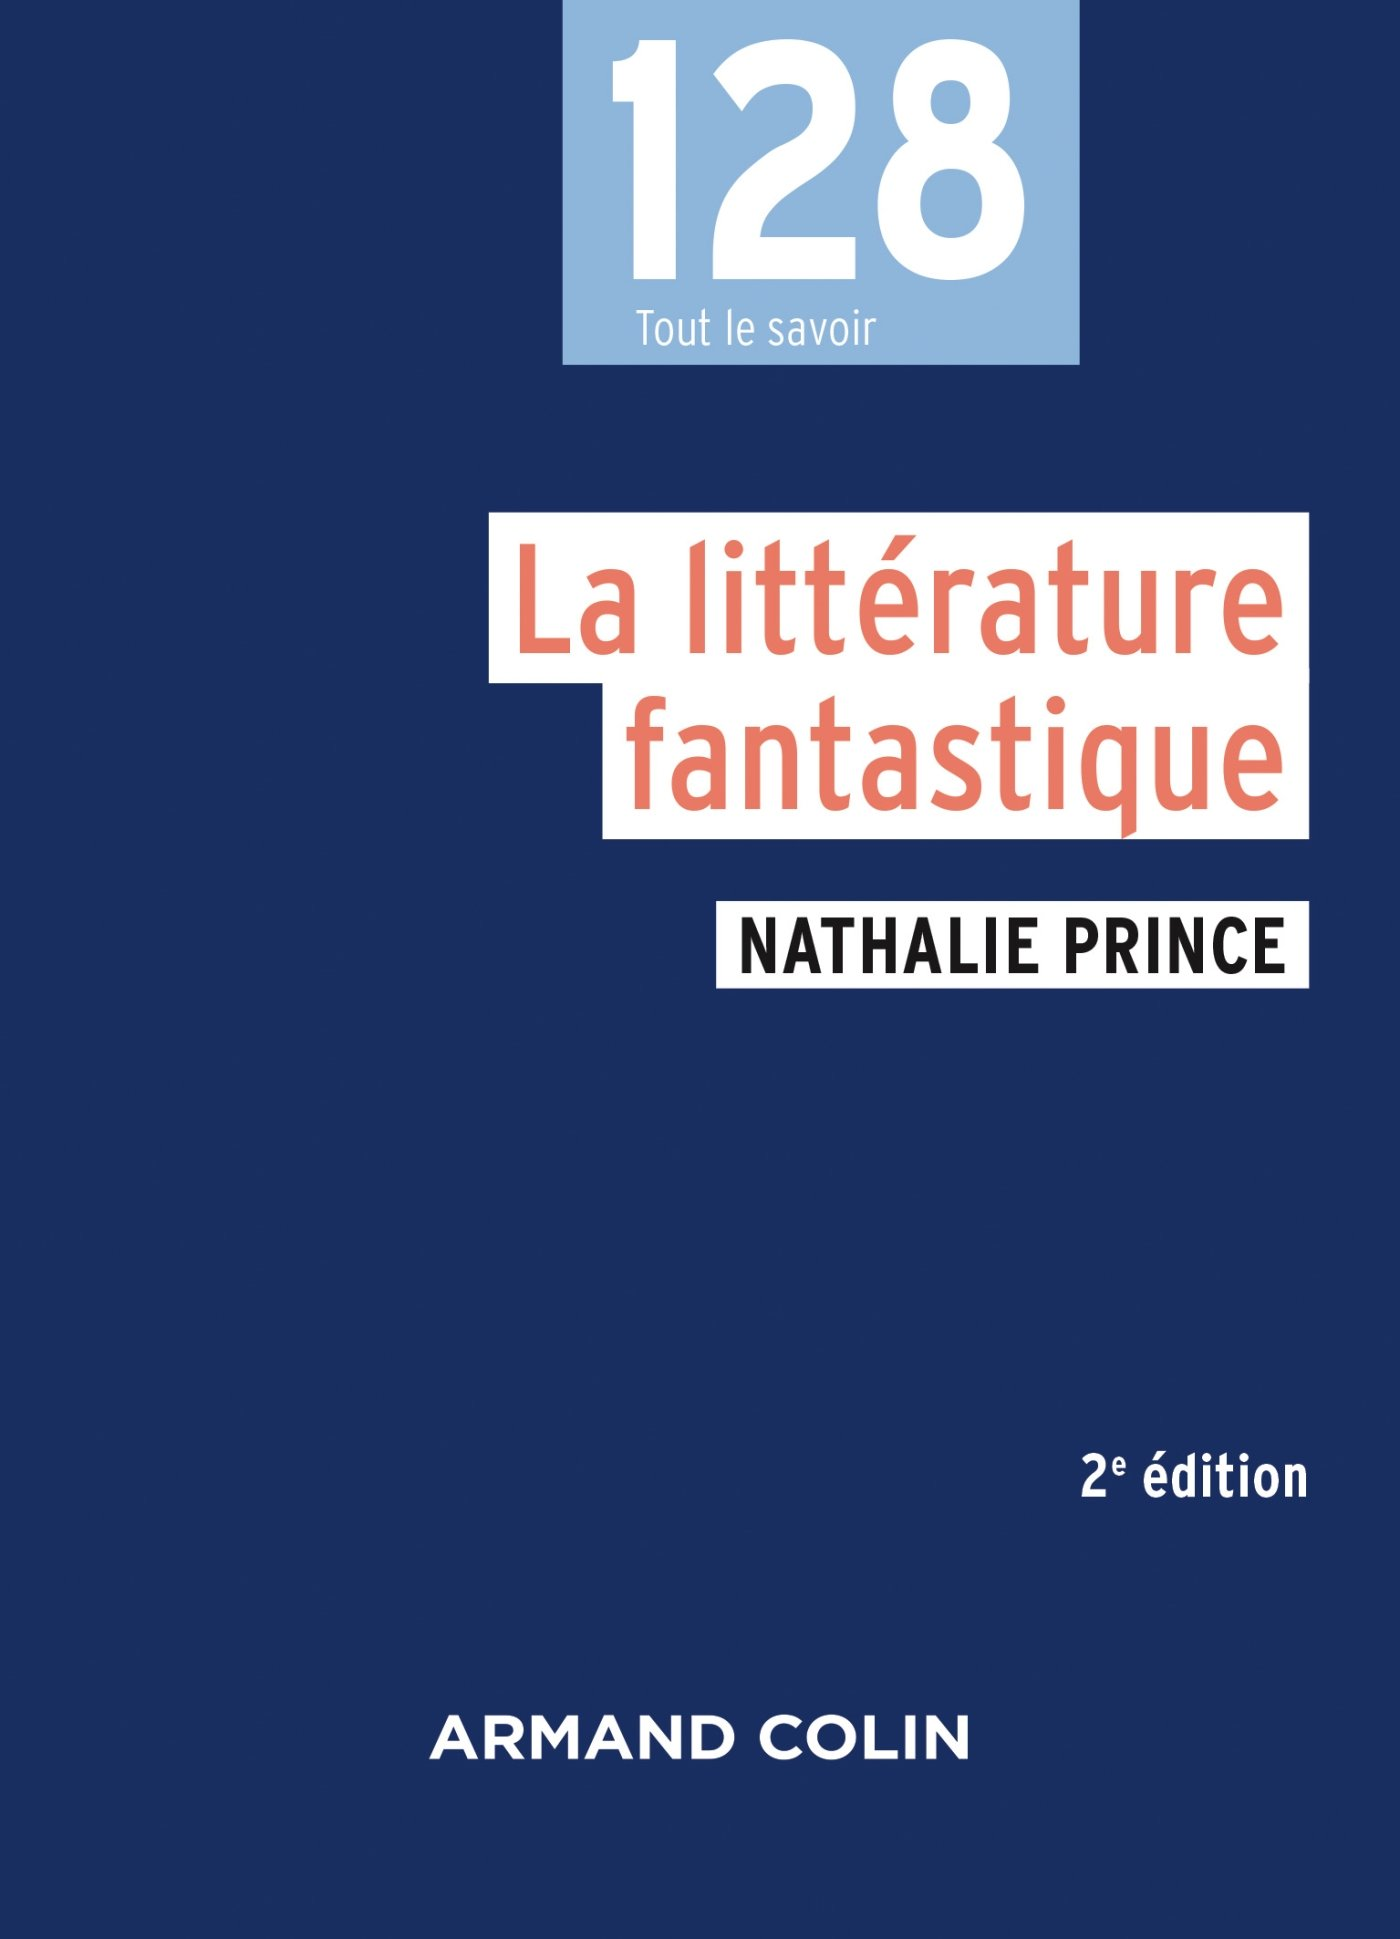 La littérature fantastique - 2e éd. (128): Amazon.es: Nathalie Prince: Libros en idiomas extranjeros